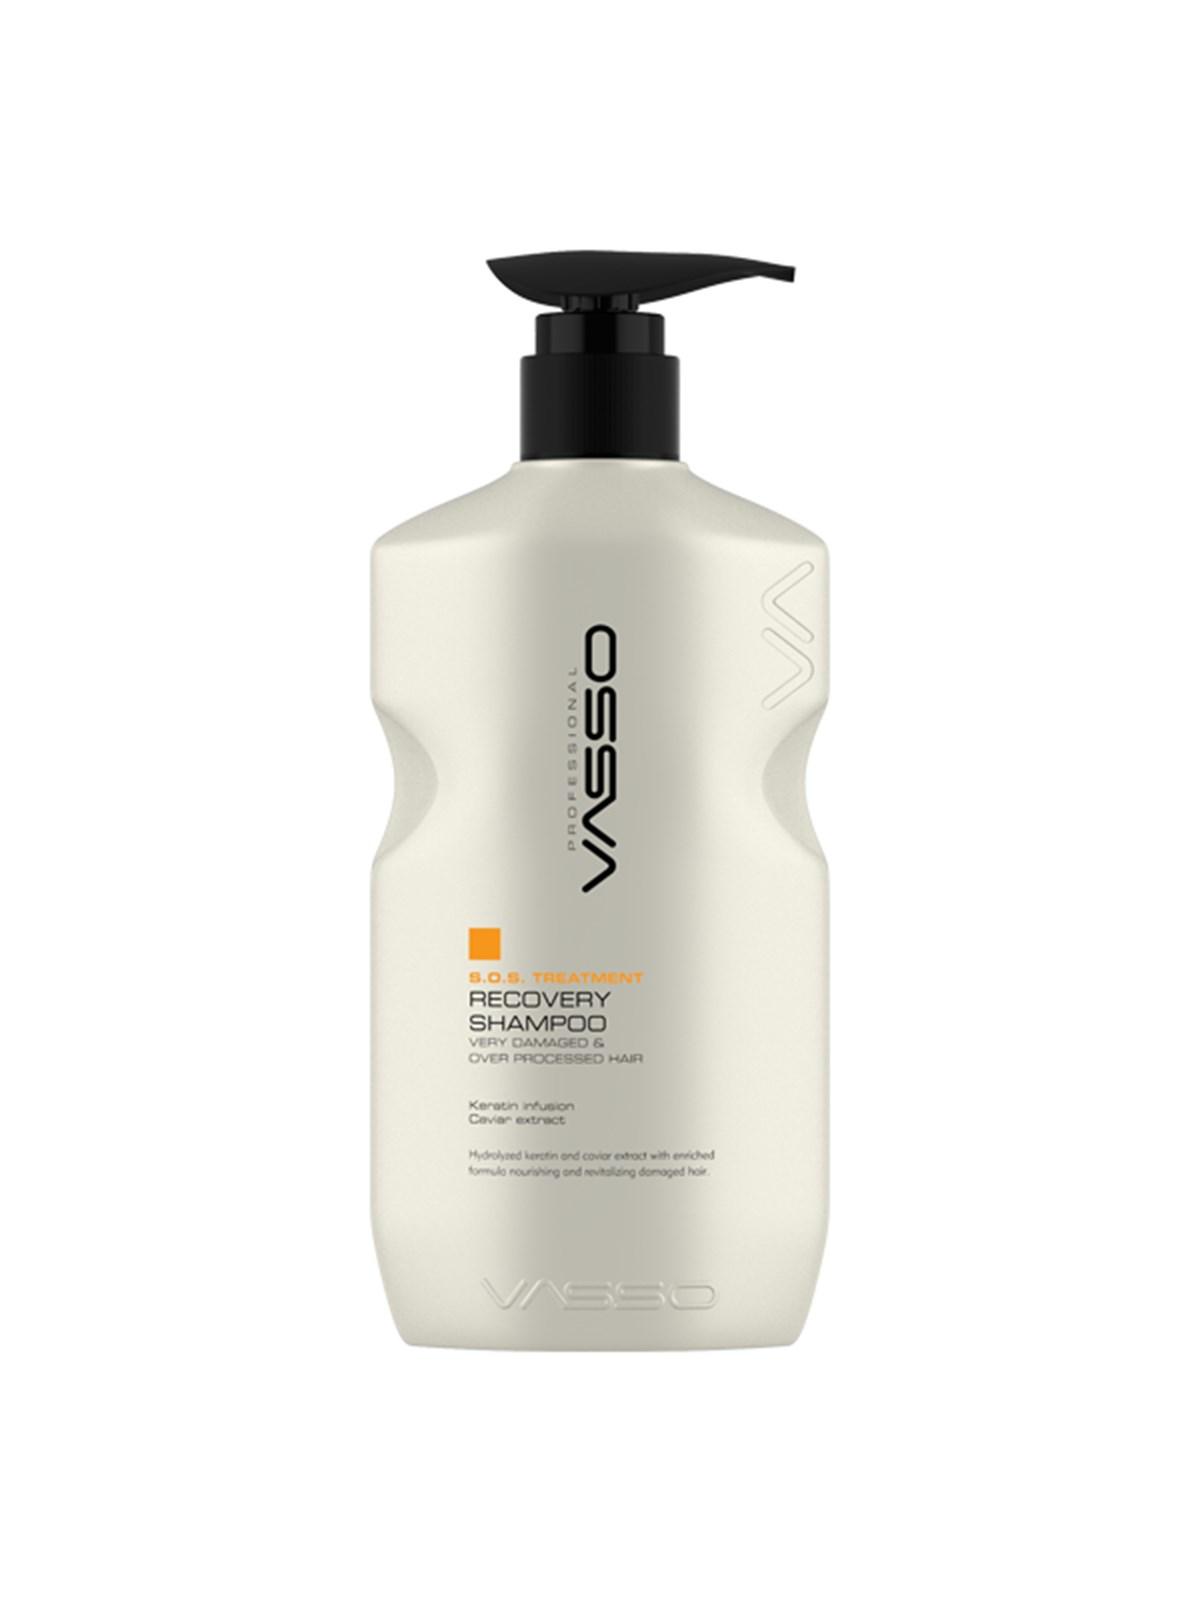 s.o.s. treatment recovery shampoo 54b2